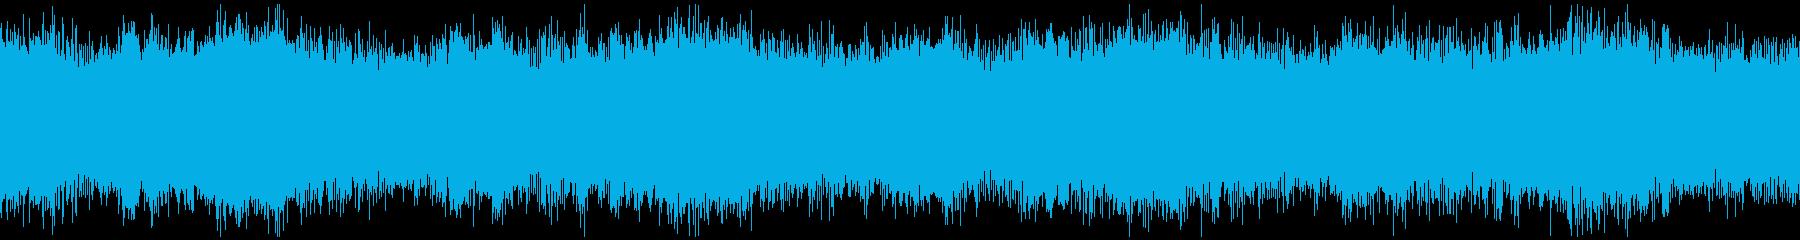 近未来型サイレンのループ、スチームパンクの再生済みの波形